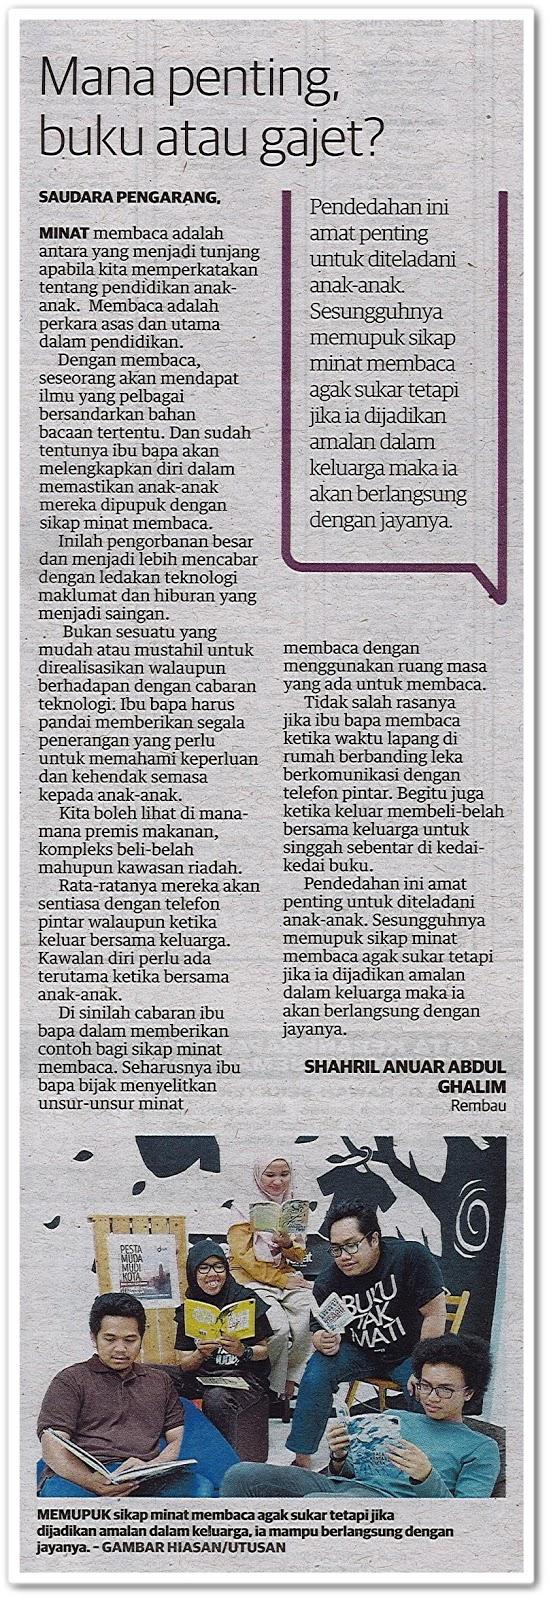 Mana penting, buku atau gajet? - Keratan akhbar Utusan Malaysia 5 Mac 2019